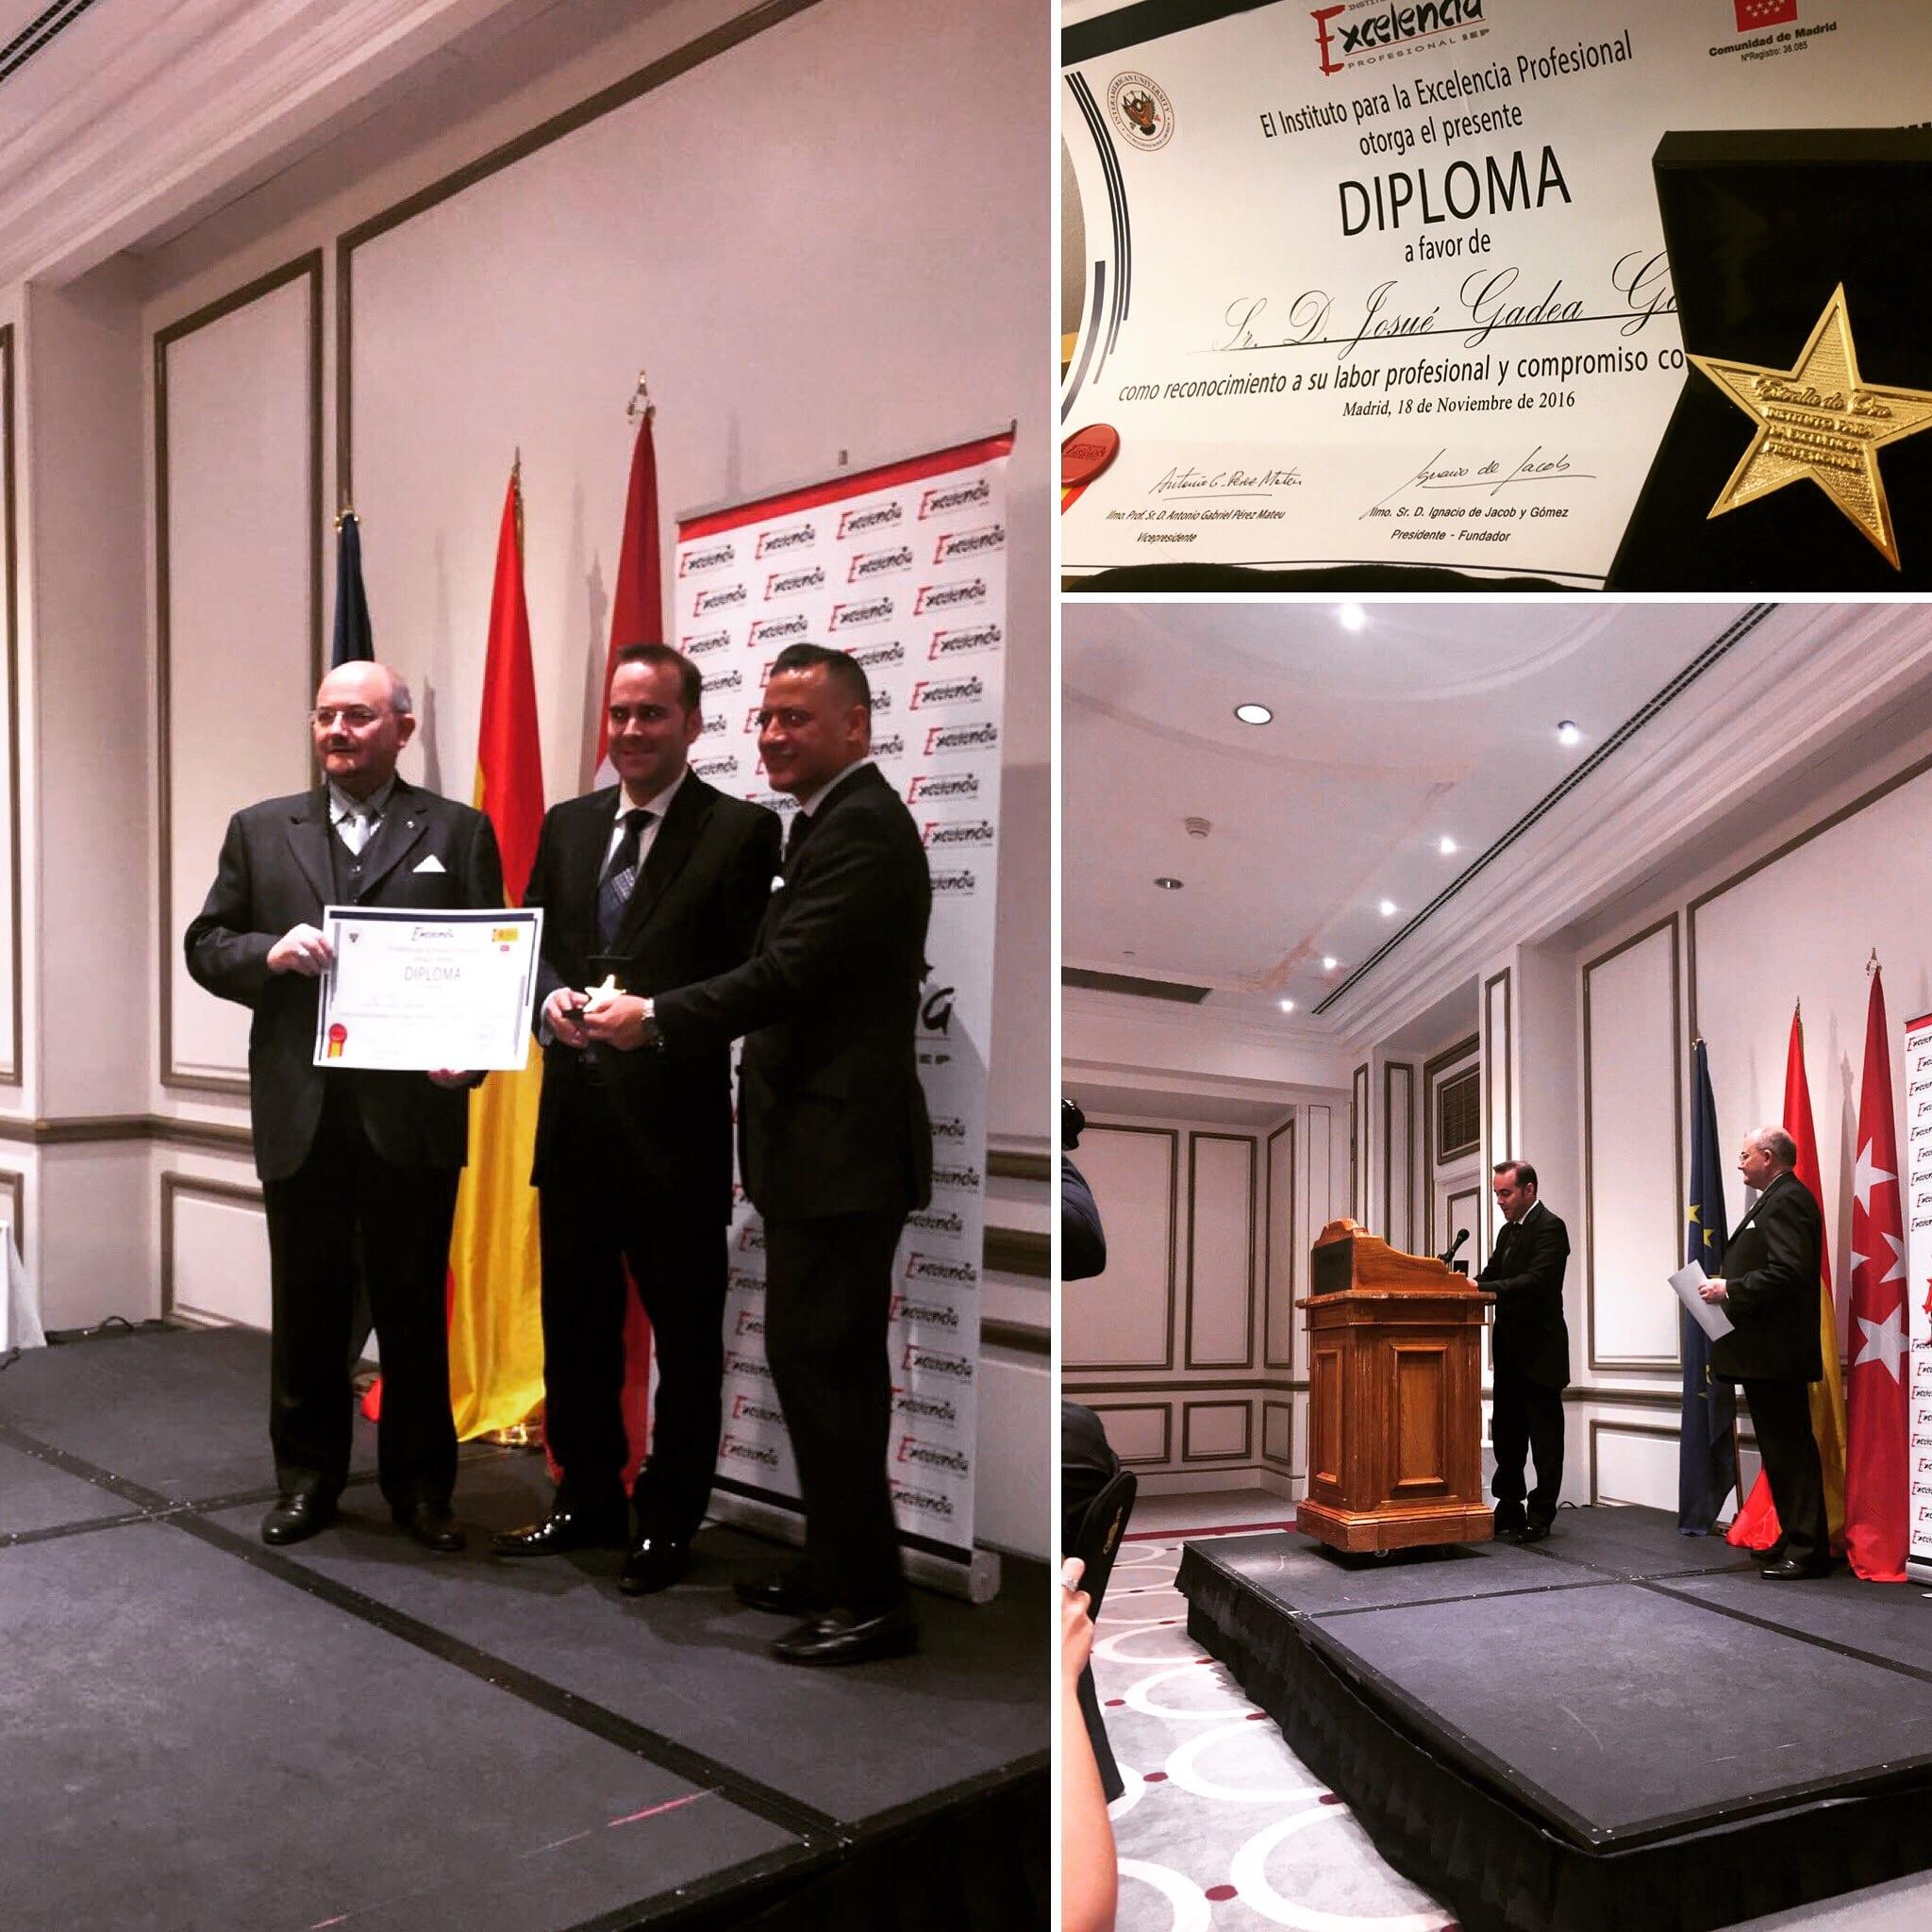 Josue Gadea, estrella de oro del Instituto para la Excelencia Profesional 2016